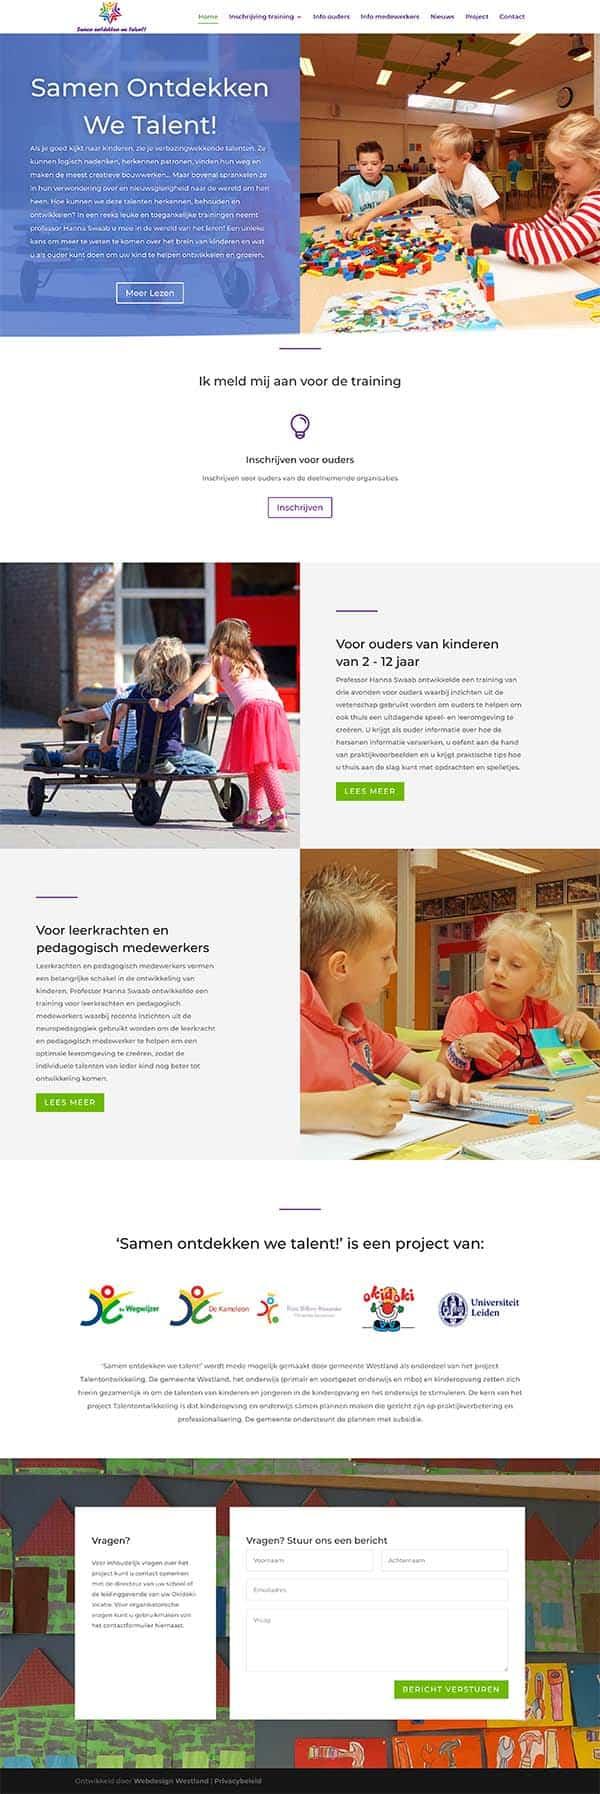 Webdesign bureau Westland maakt een professionele website voor samenontdekkenwetalent